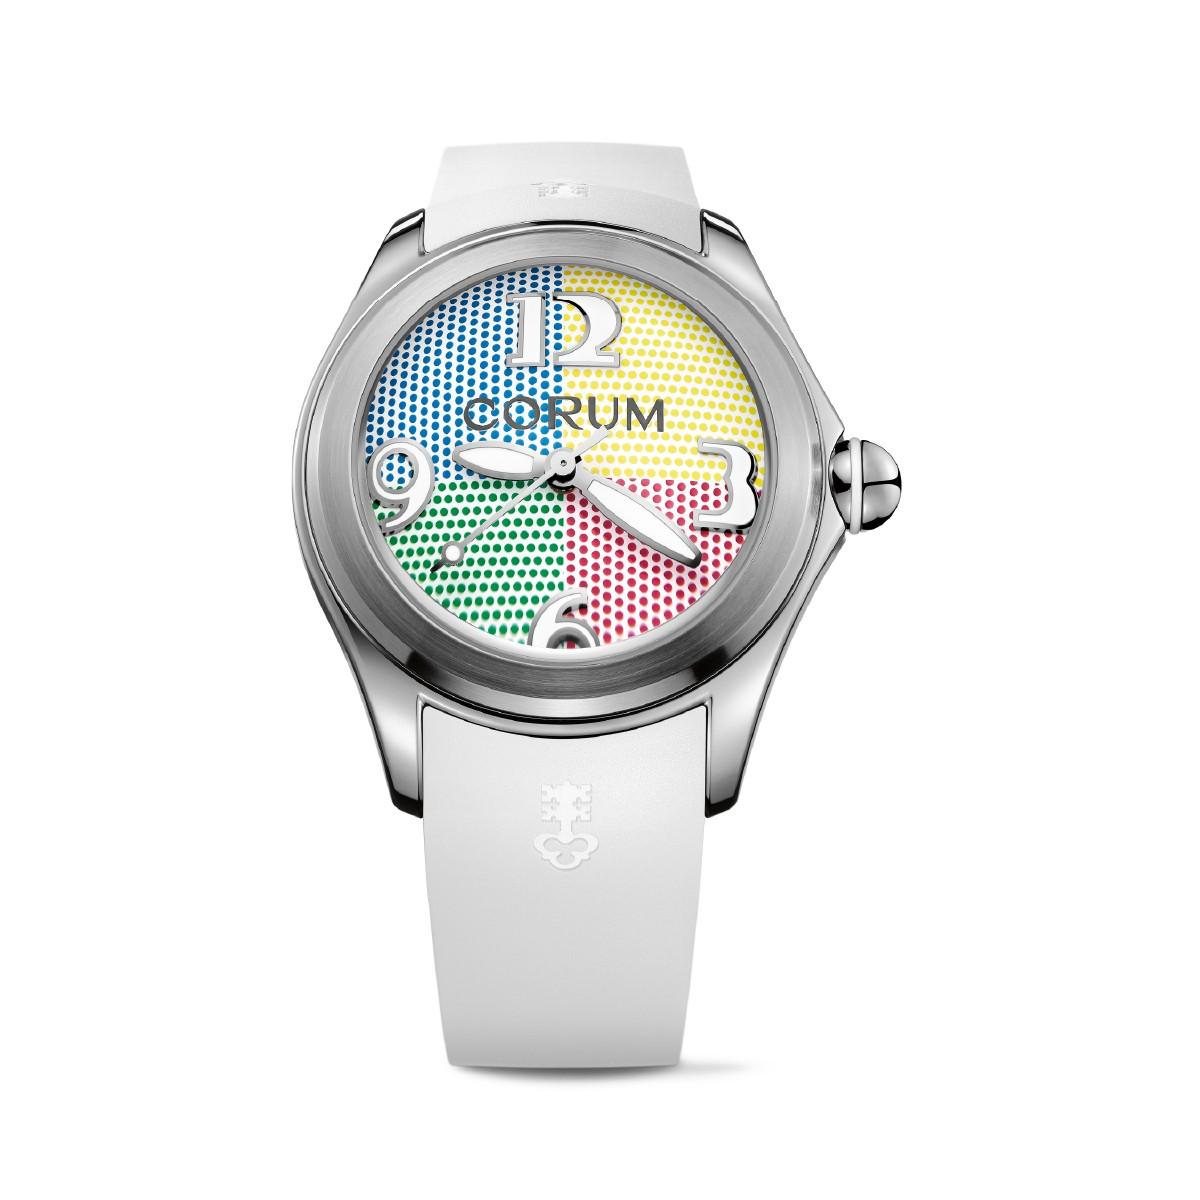 Produkt Bubble ColorsrefL Preis